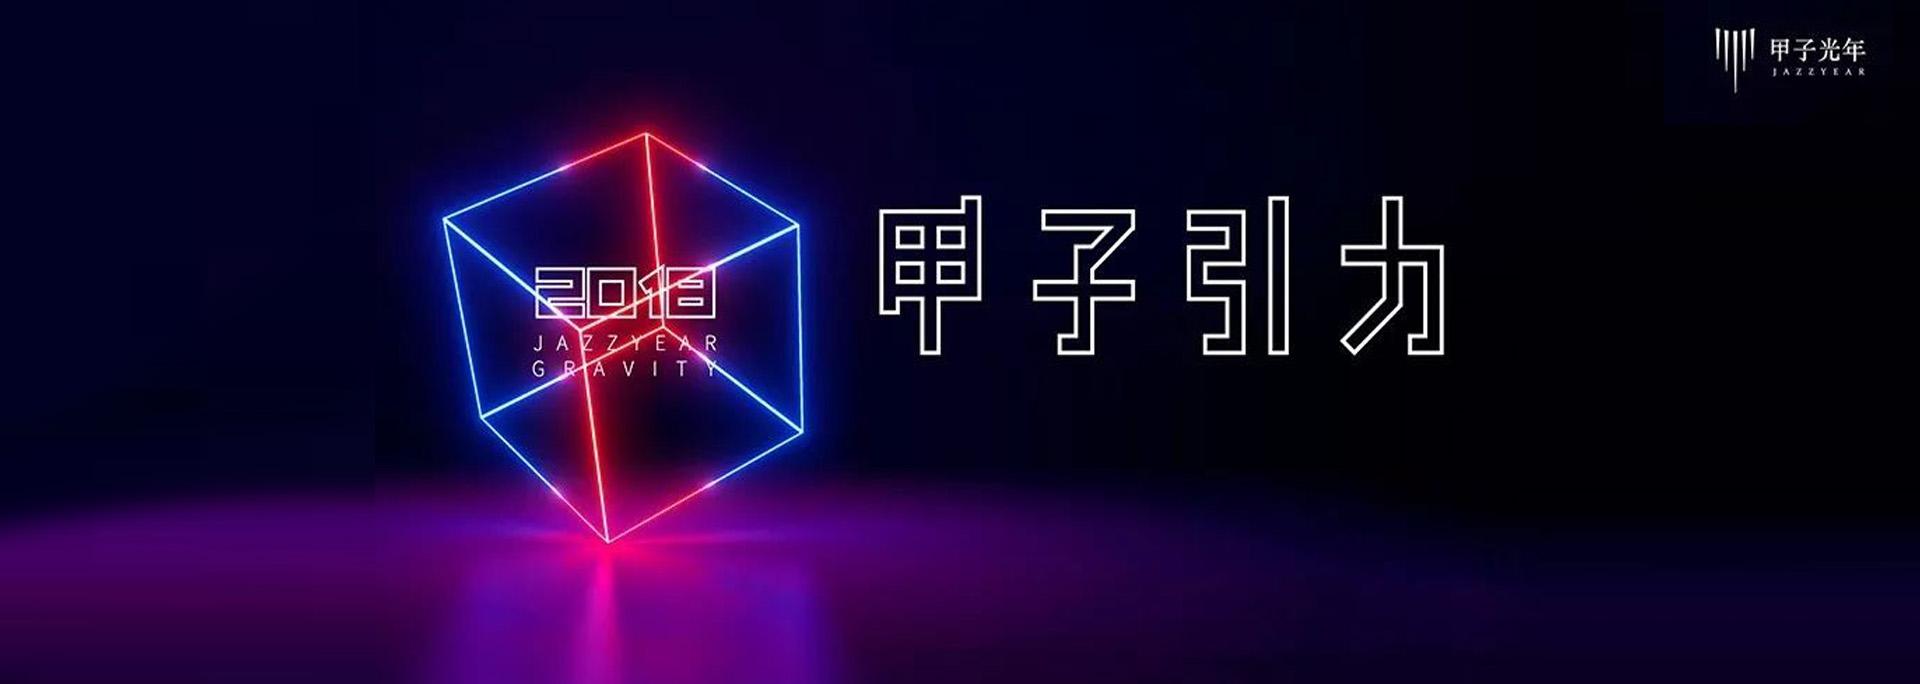 """同盾科技荣获""""甲子20""""2018中国最具商业潜力的20家成长型科技企业"""